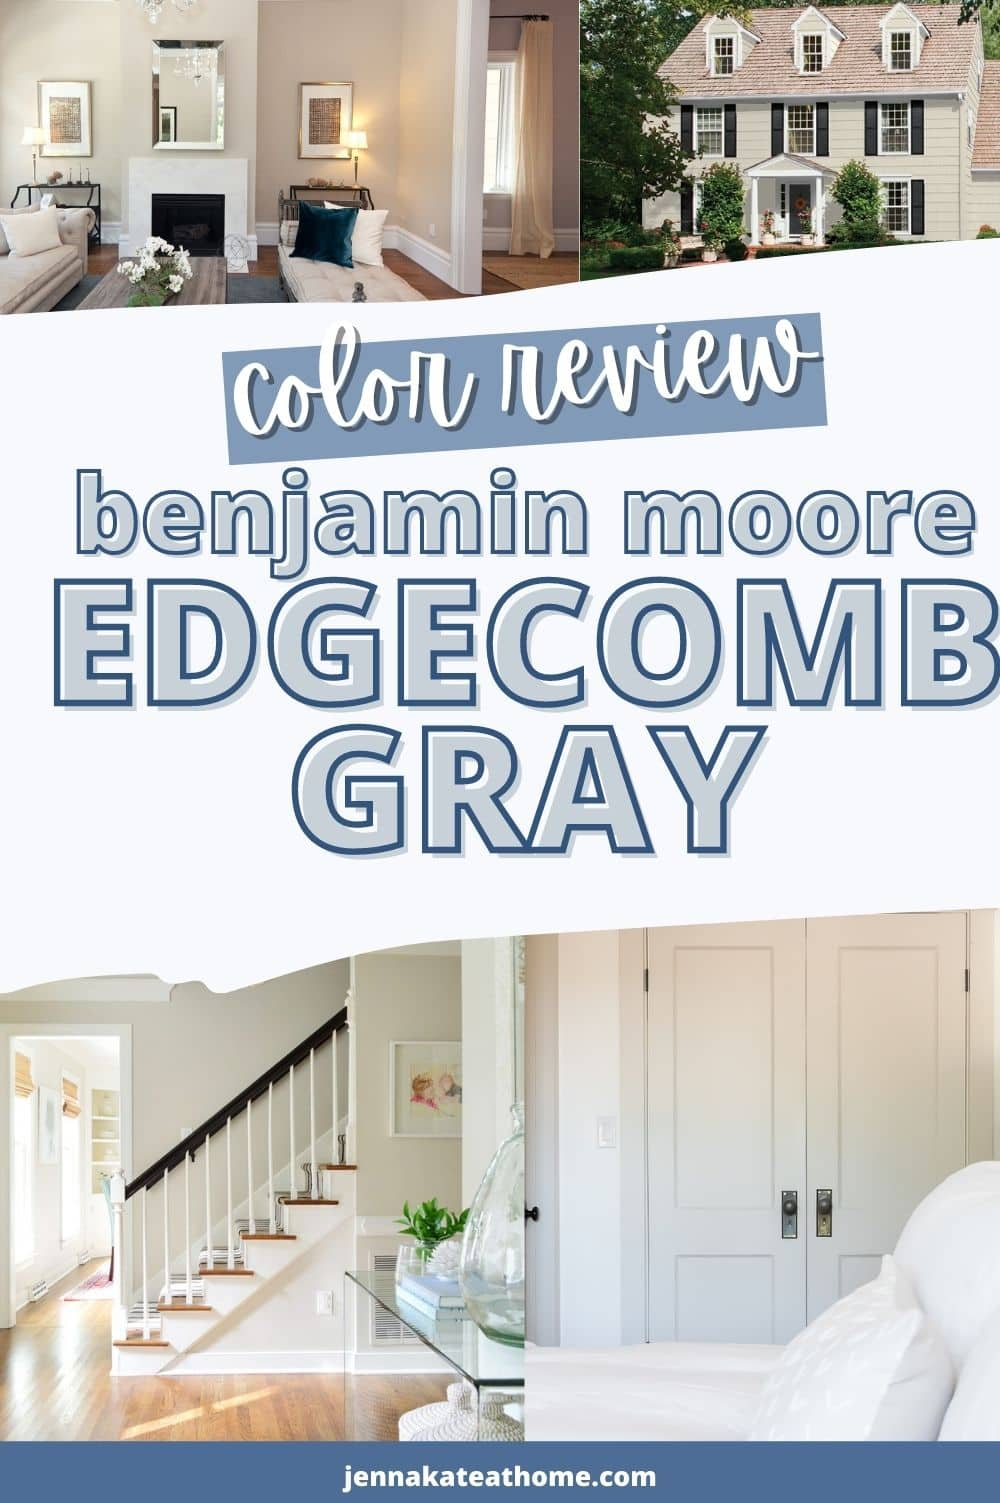 edgecomb gray pin